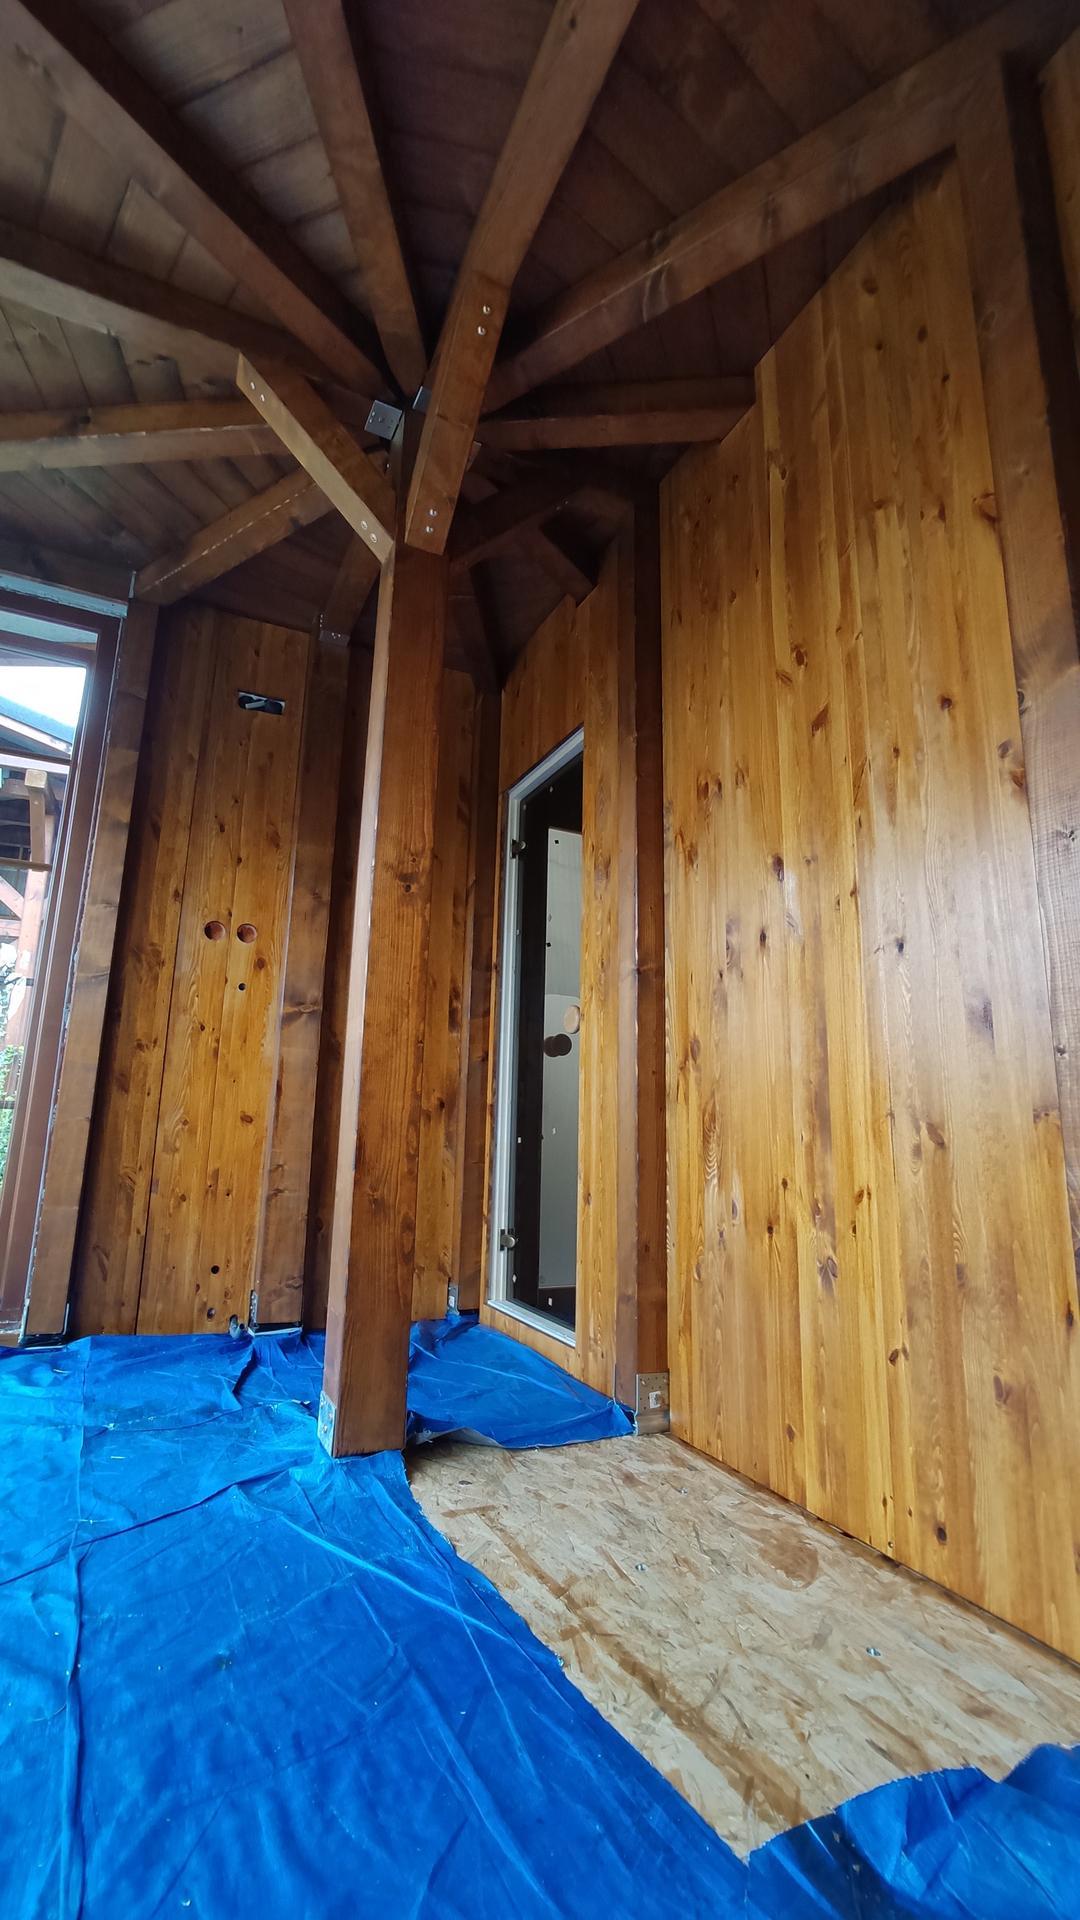 Relaxačný domček sauna a oddychová miestnosť ... plány, príprava a realizácia - Obrázok č. 98